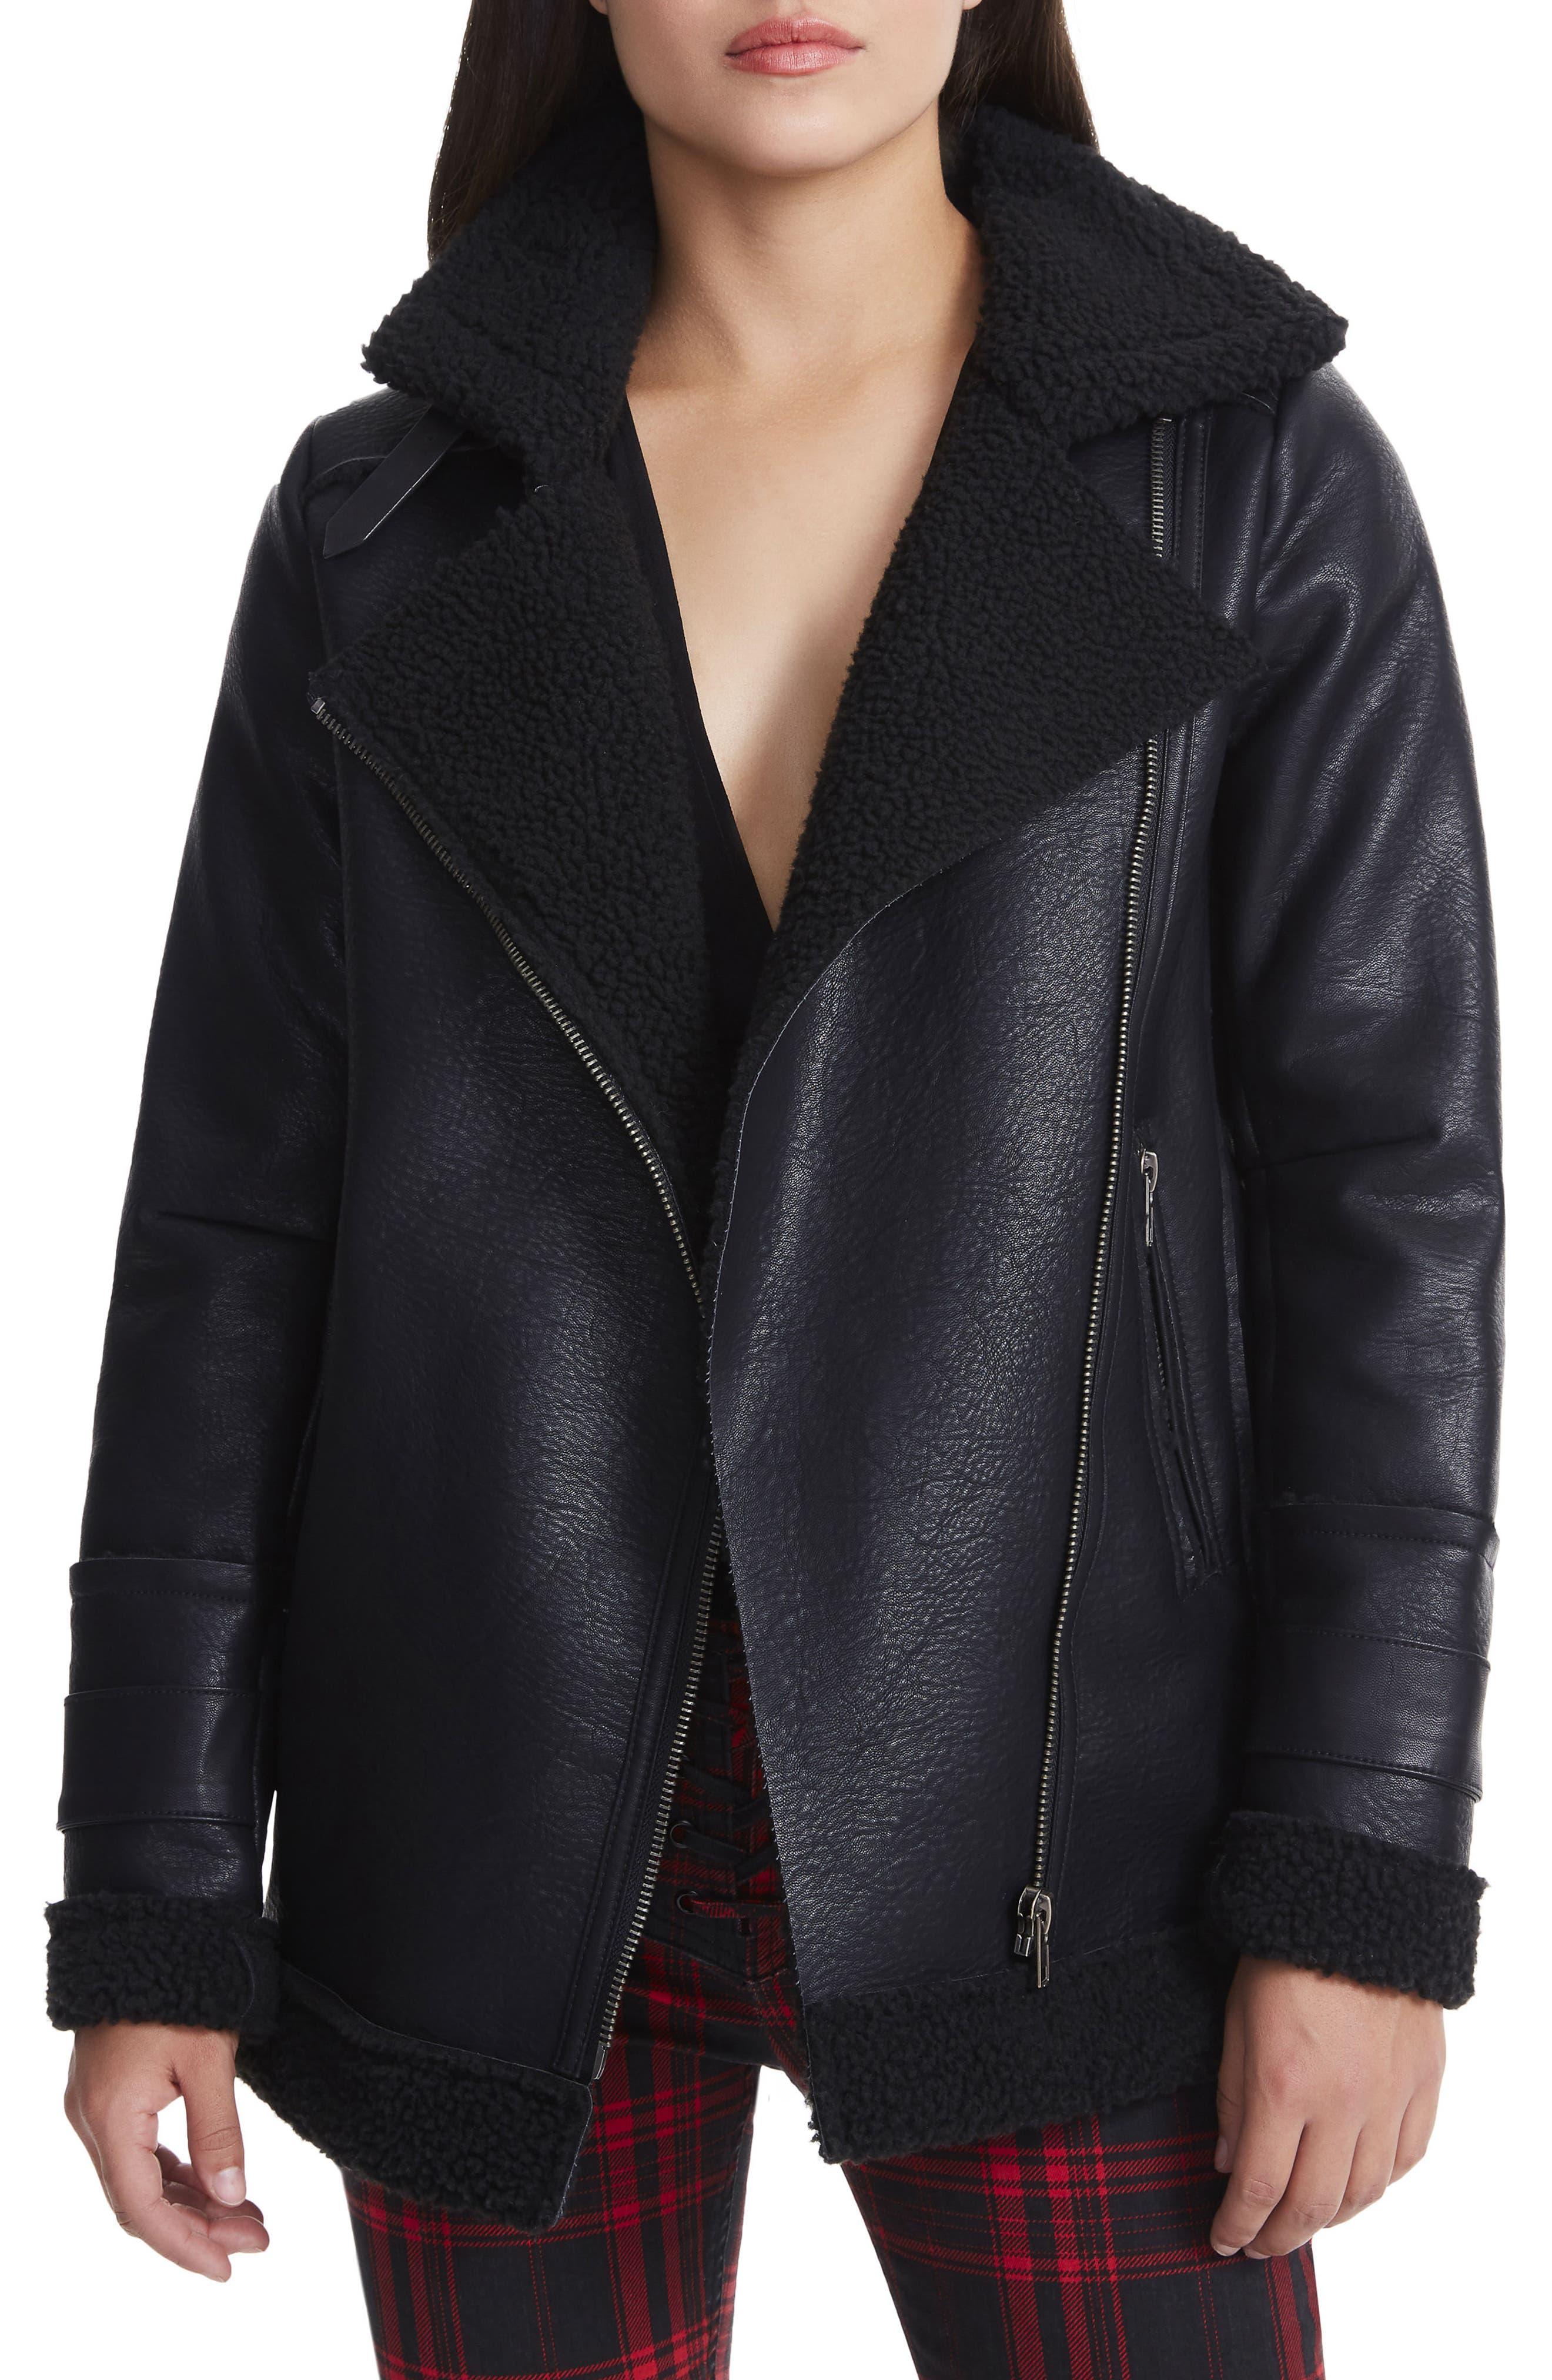 Opelia Oversize Faux Shearling Jacket,                             Main thumbnail 1, color,                             Noir